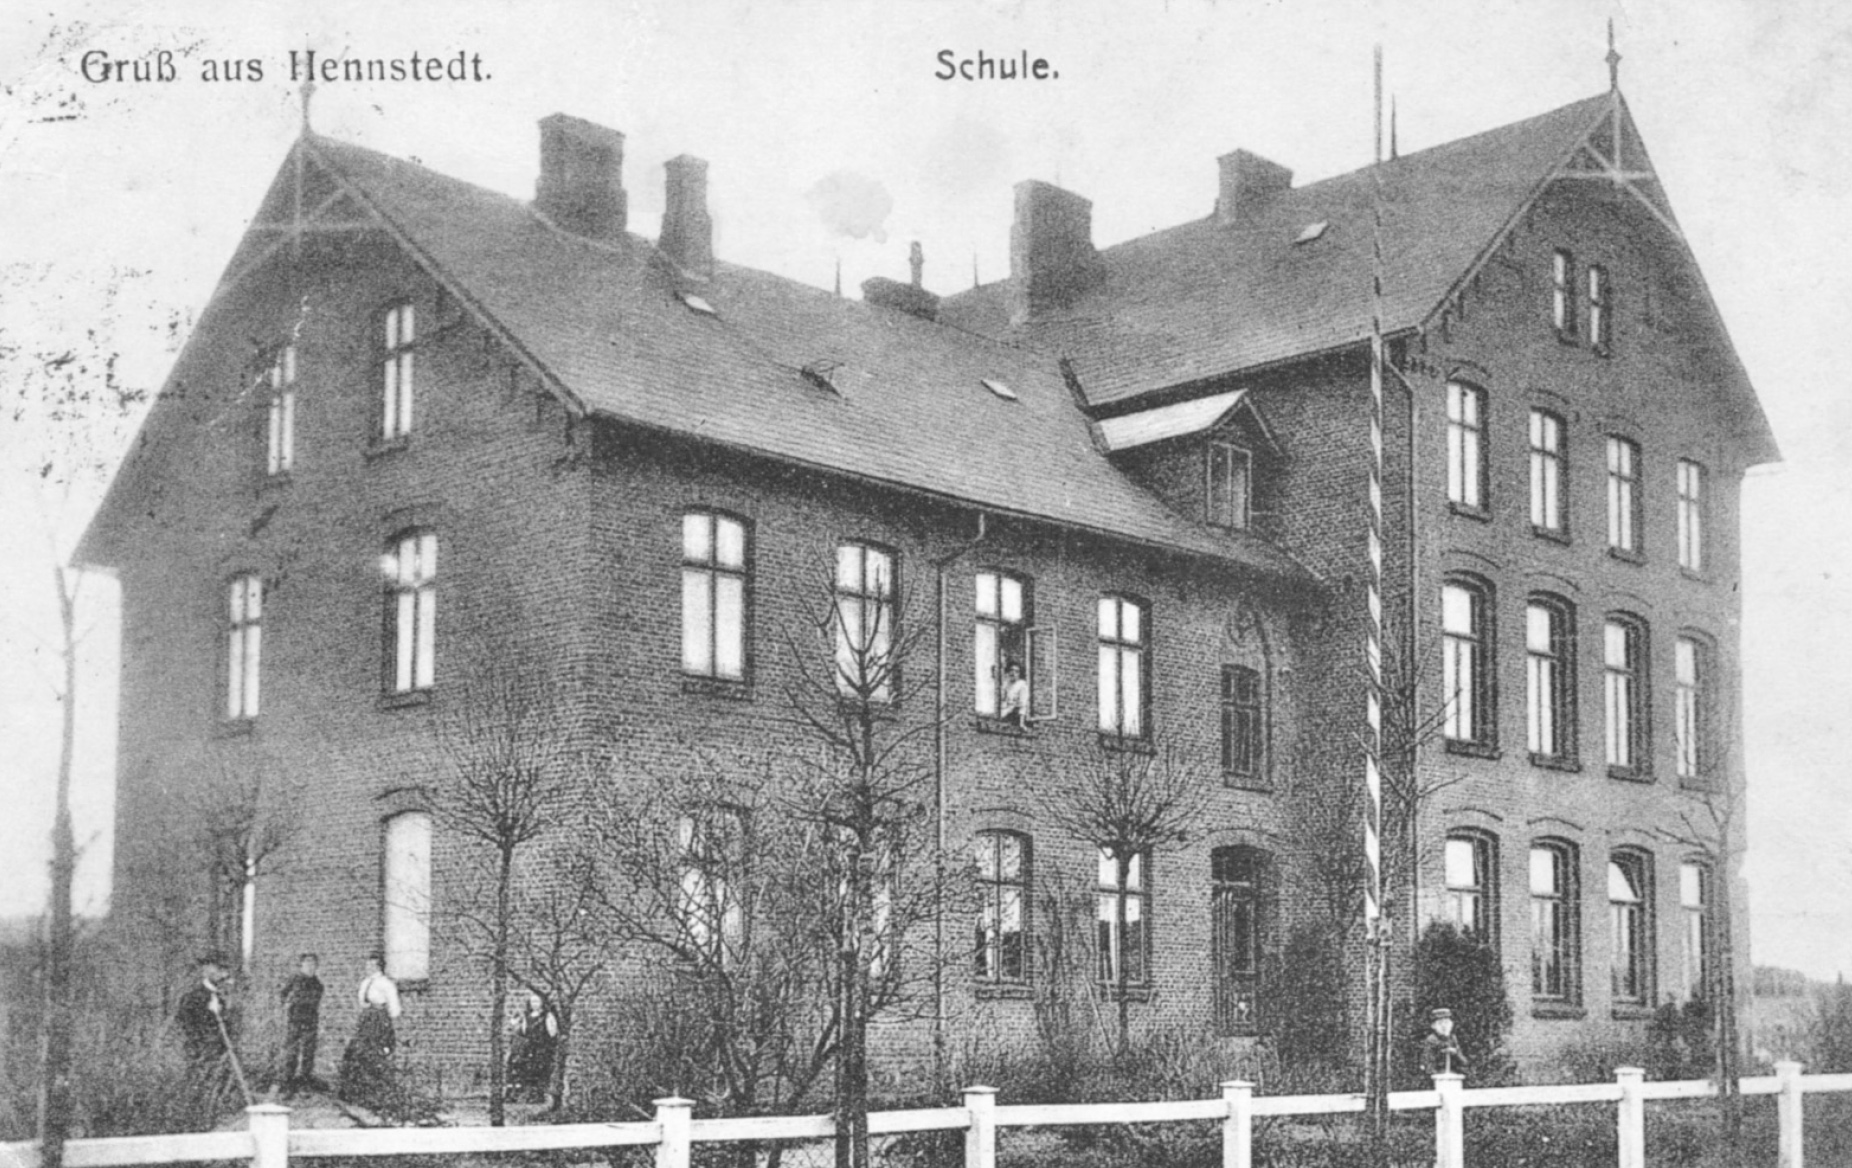 dorf_bilder/Chronik-Hennstedt-96.jpg